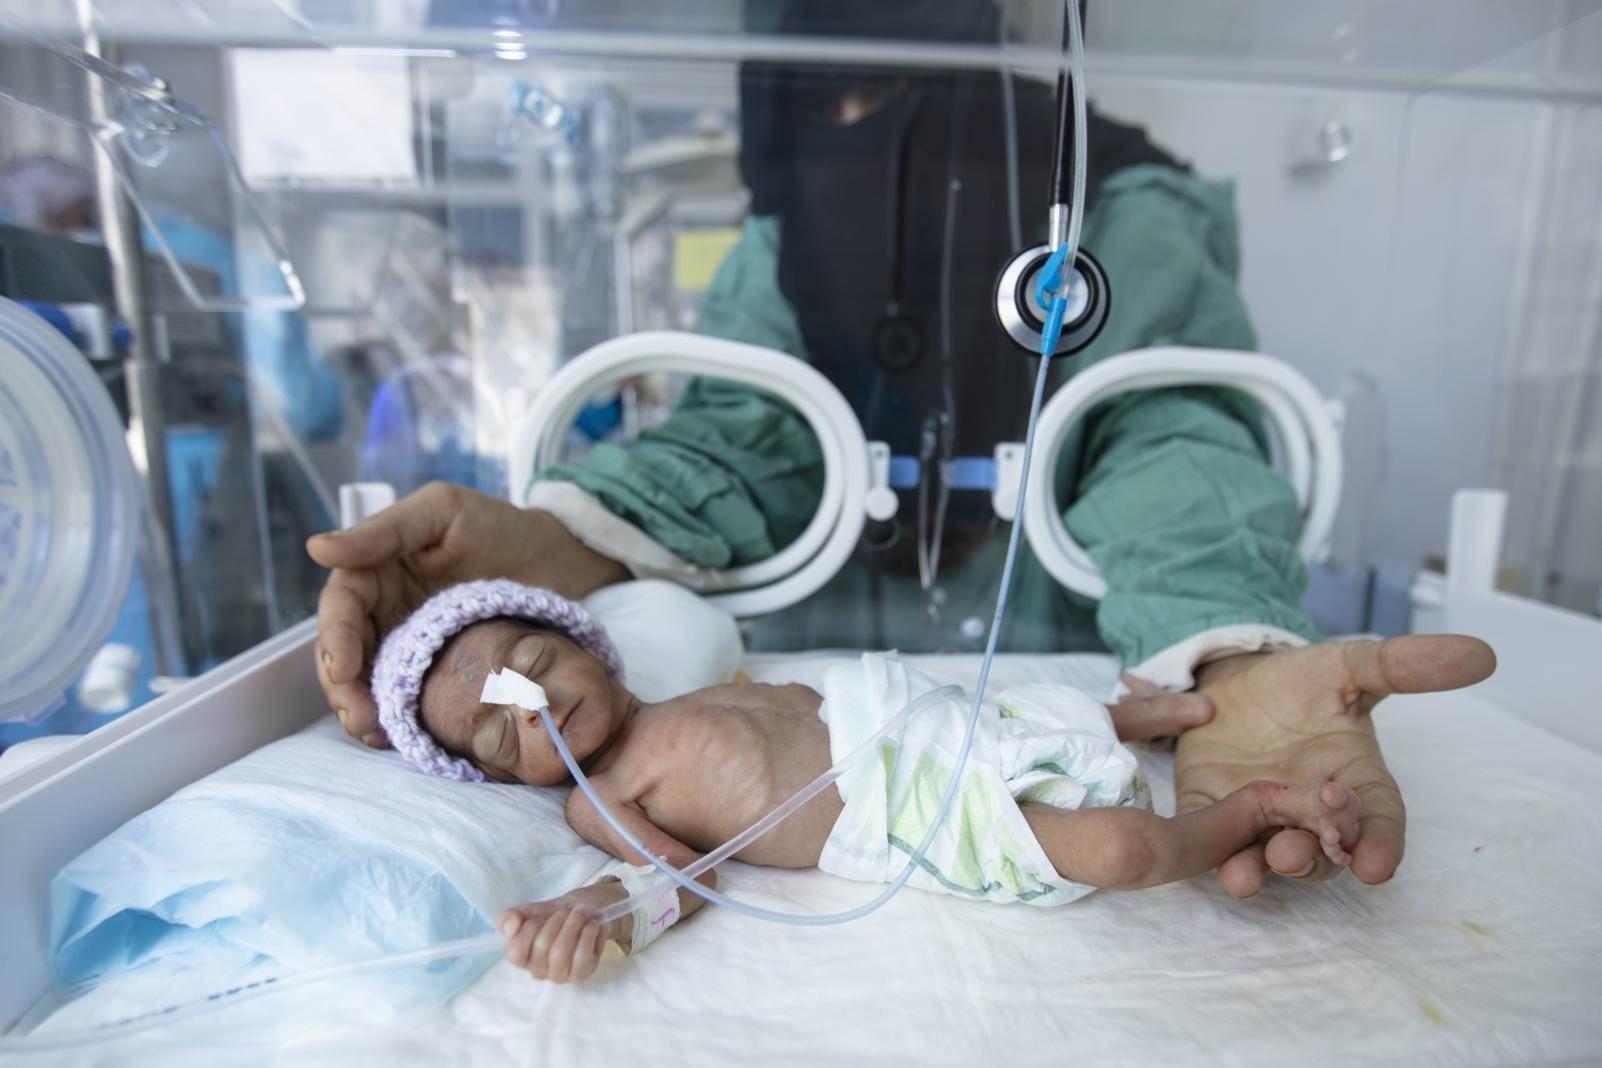 وزارة الصحة اليمنية: المنظمات الدولية لا تلتفت بجدية إلى الأزمة الإنسانية في اليمن